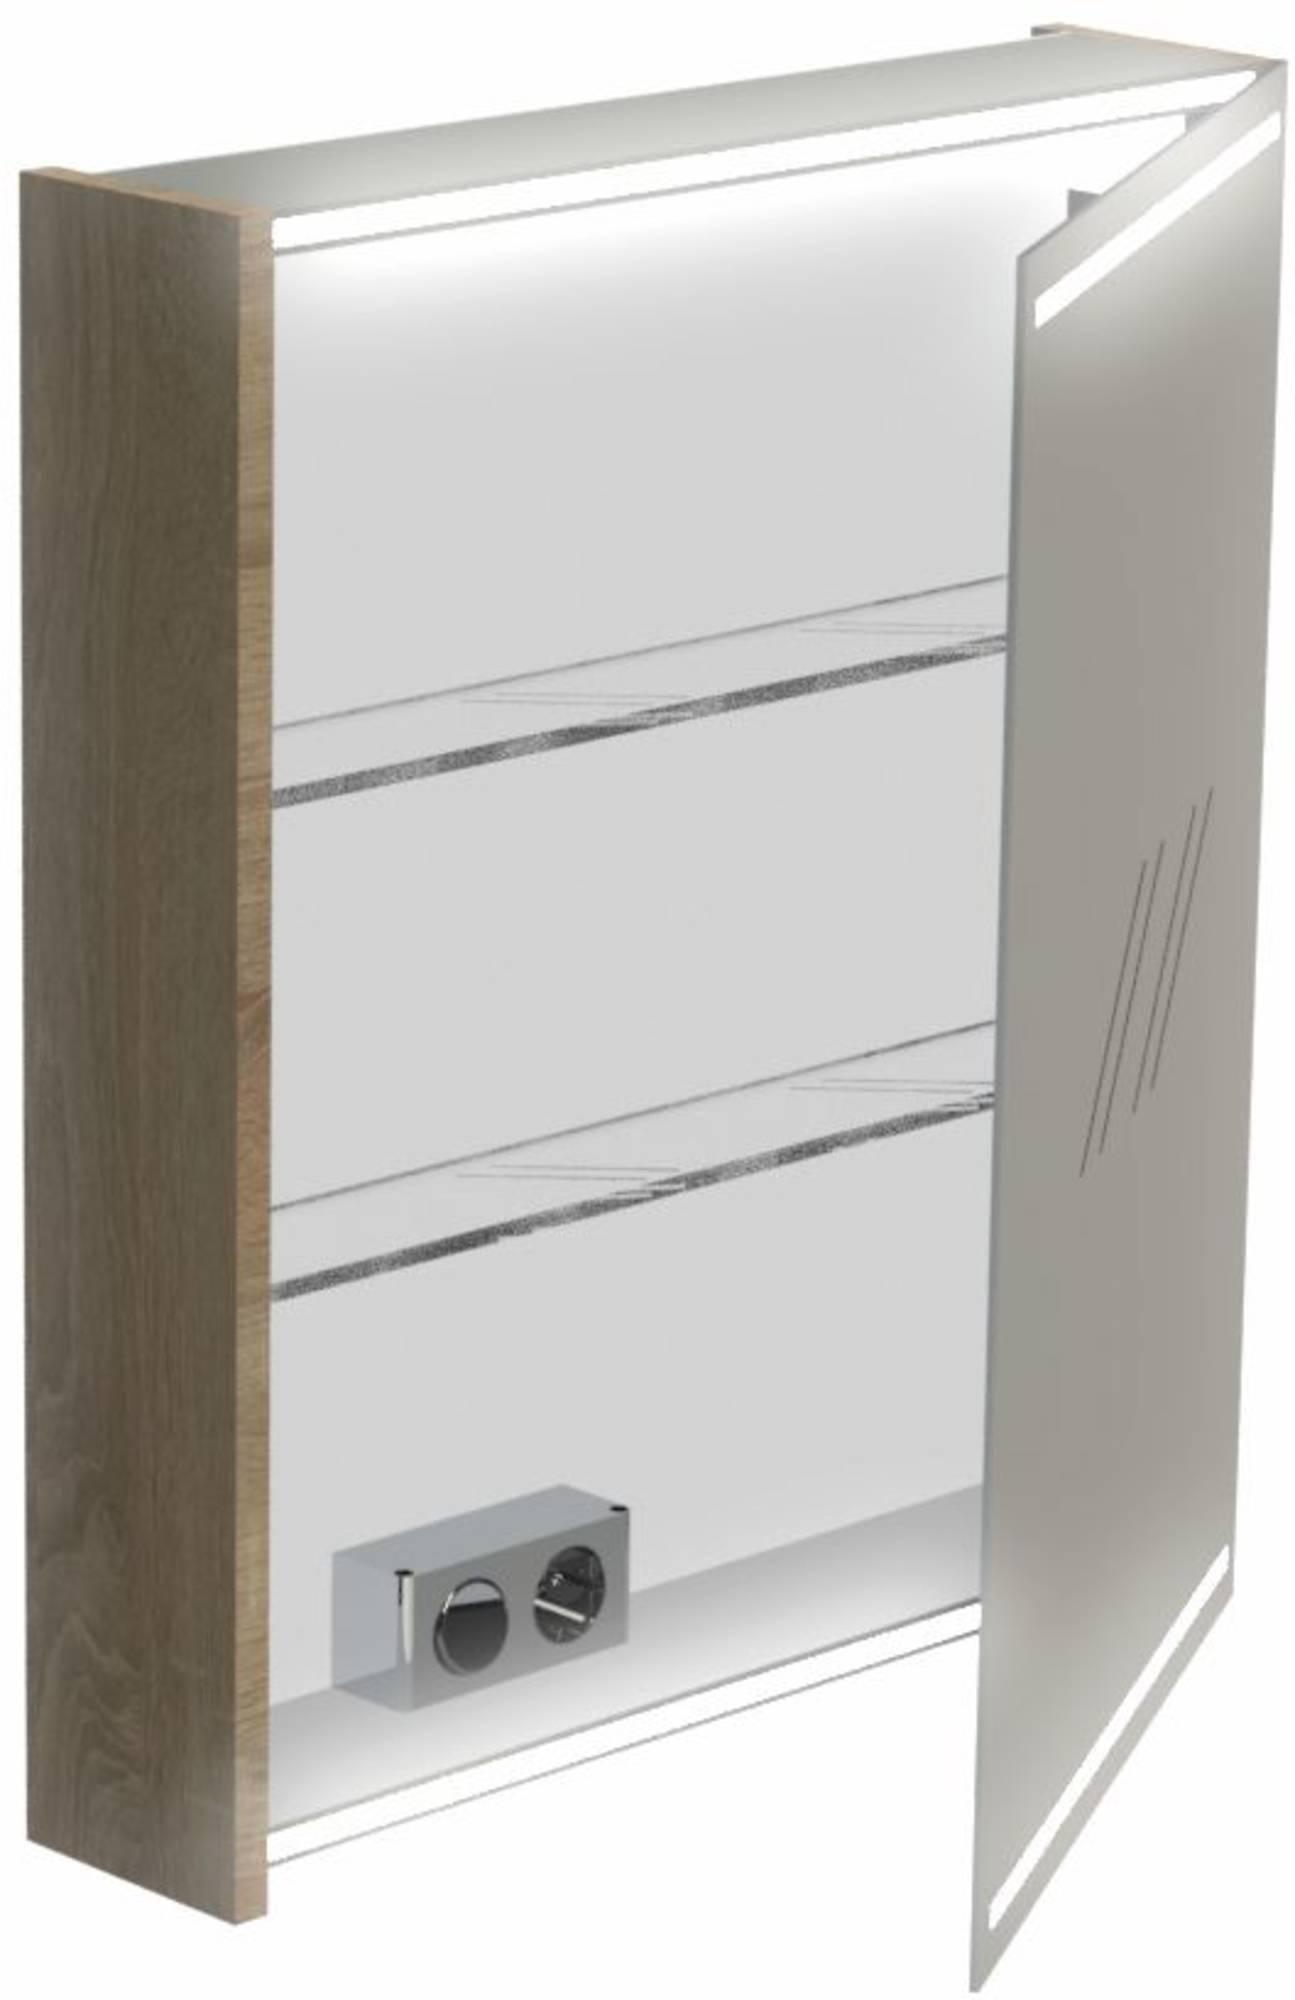 Thebalux Deluxe Spiegelkast rechtsdraaiend 70x60x13,5 cm  Authentic Oak